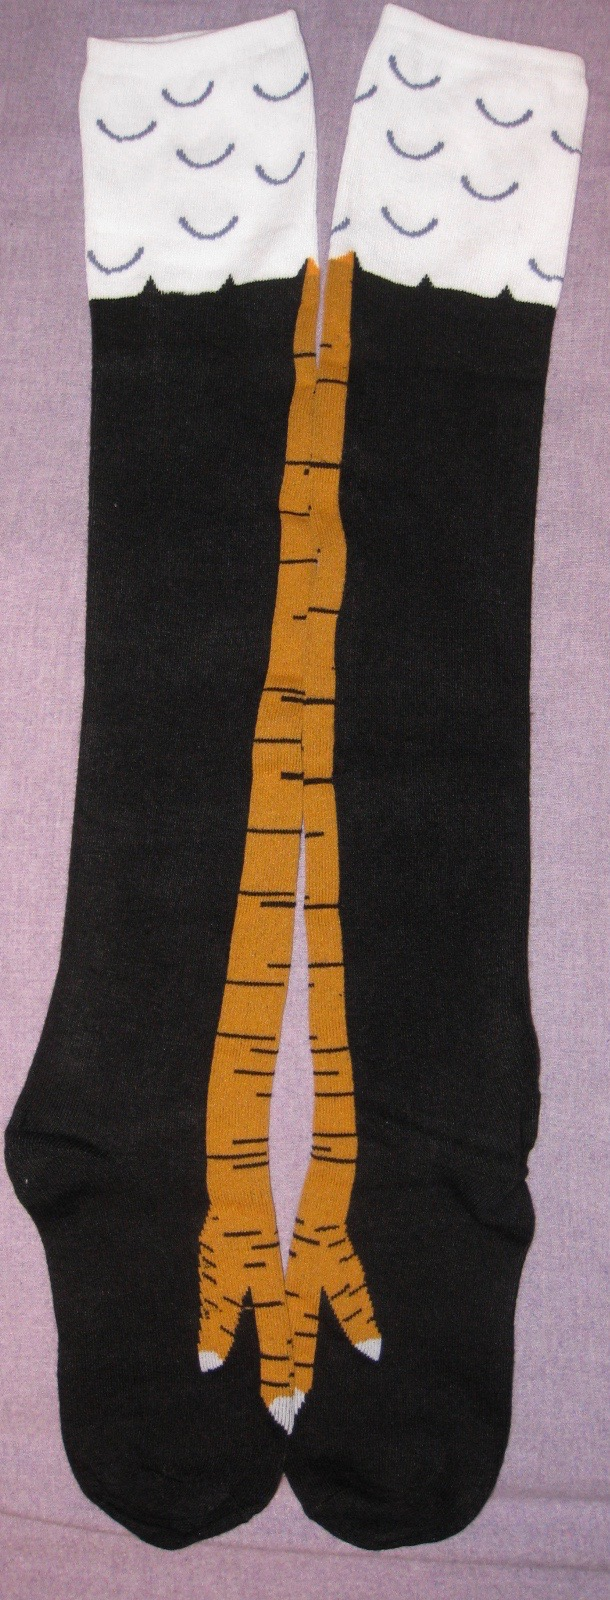 Tracy's Socks